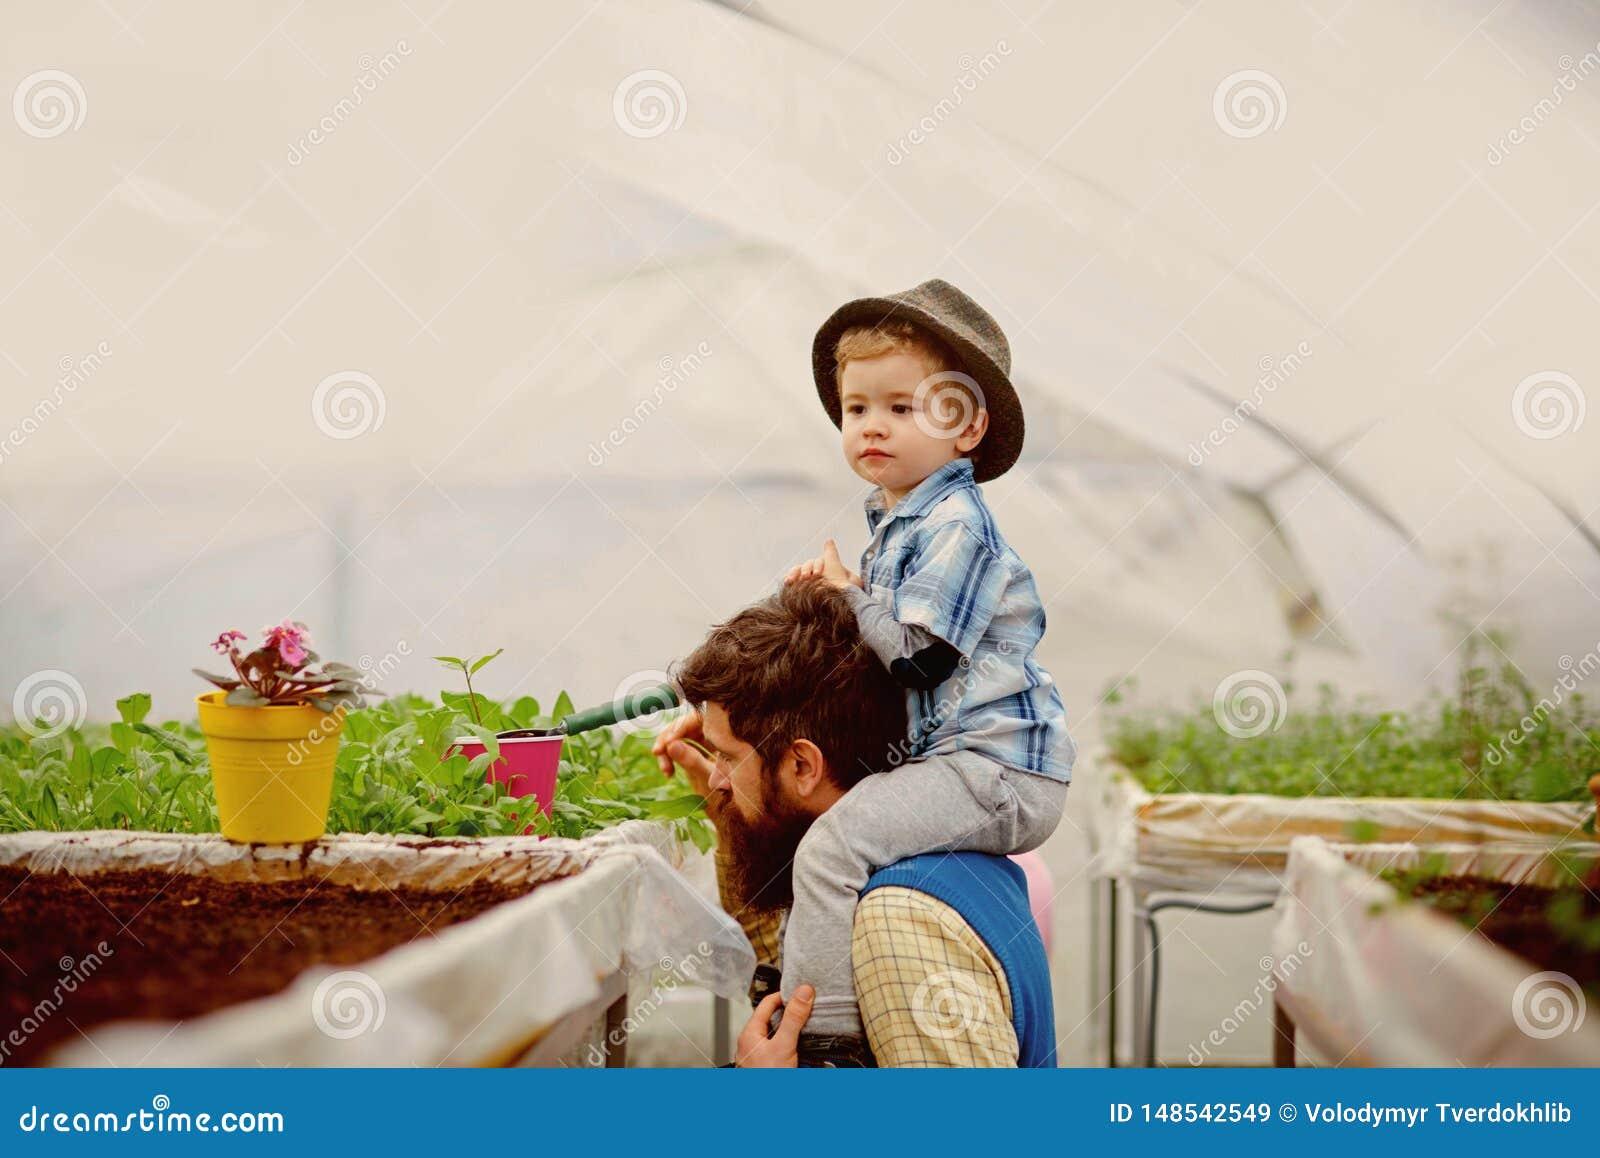 Excepto a terra tentativa do pai e do filho salvo a terra Excepto o conceito da terra salvar a terra com sua fam?lia